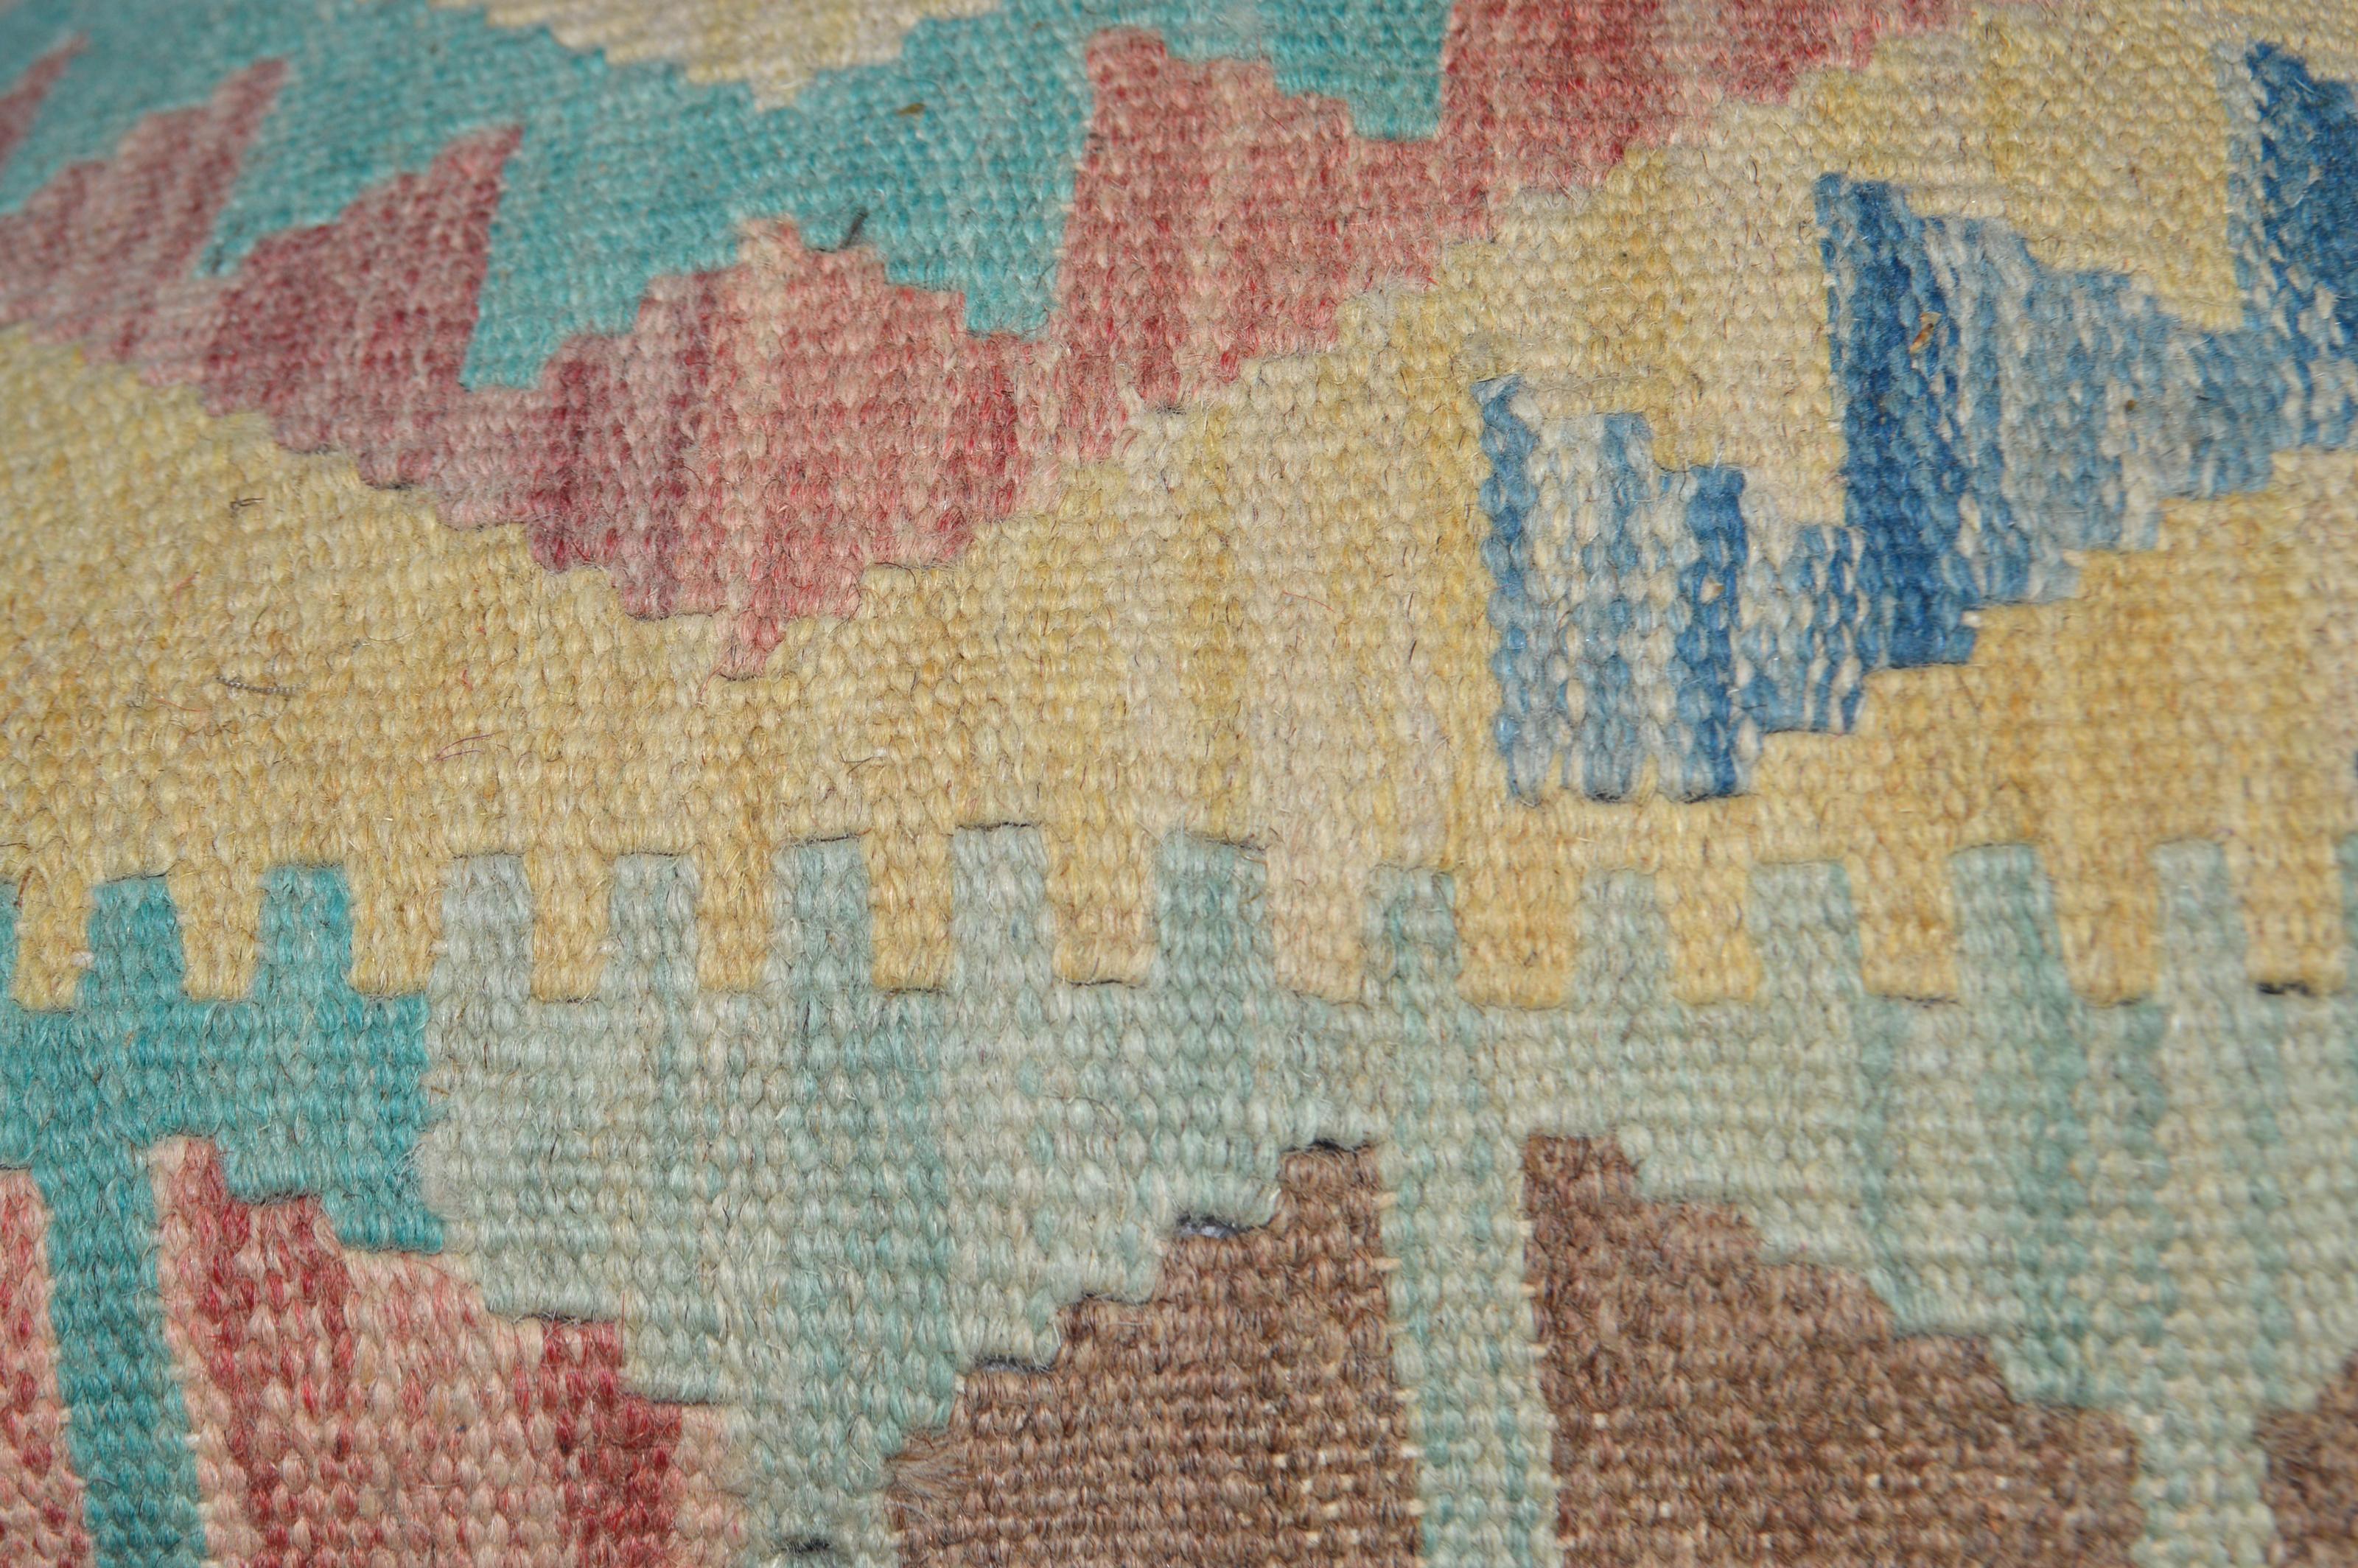 Orientalische Antik Kelim Kissen Unikat aus Wolle, handgewebte Dekokissen, Vintage AKS 005 Größe 45 x 45 cm